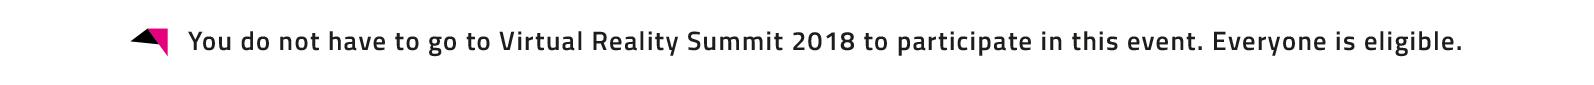 2018 상설 이벤트 서브 배너 6월